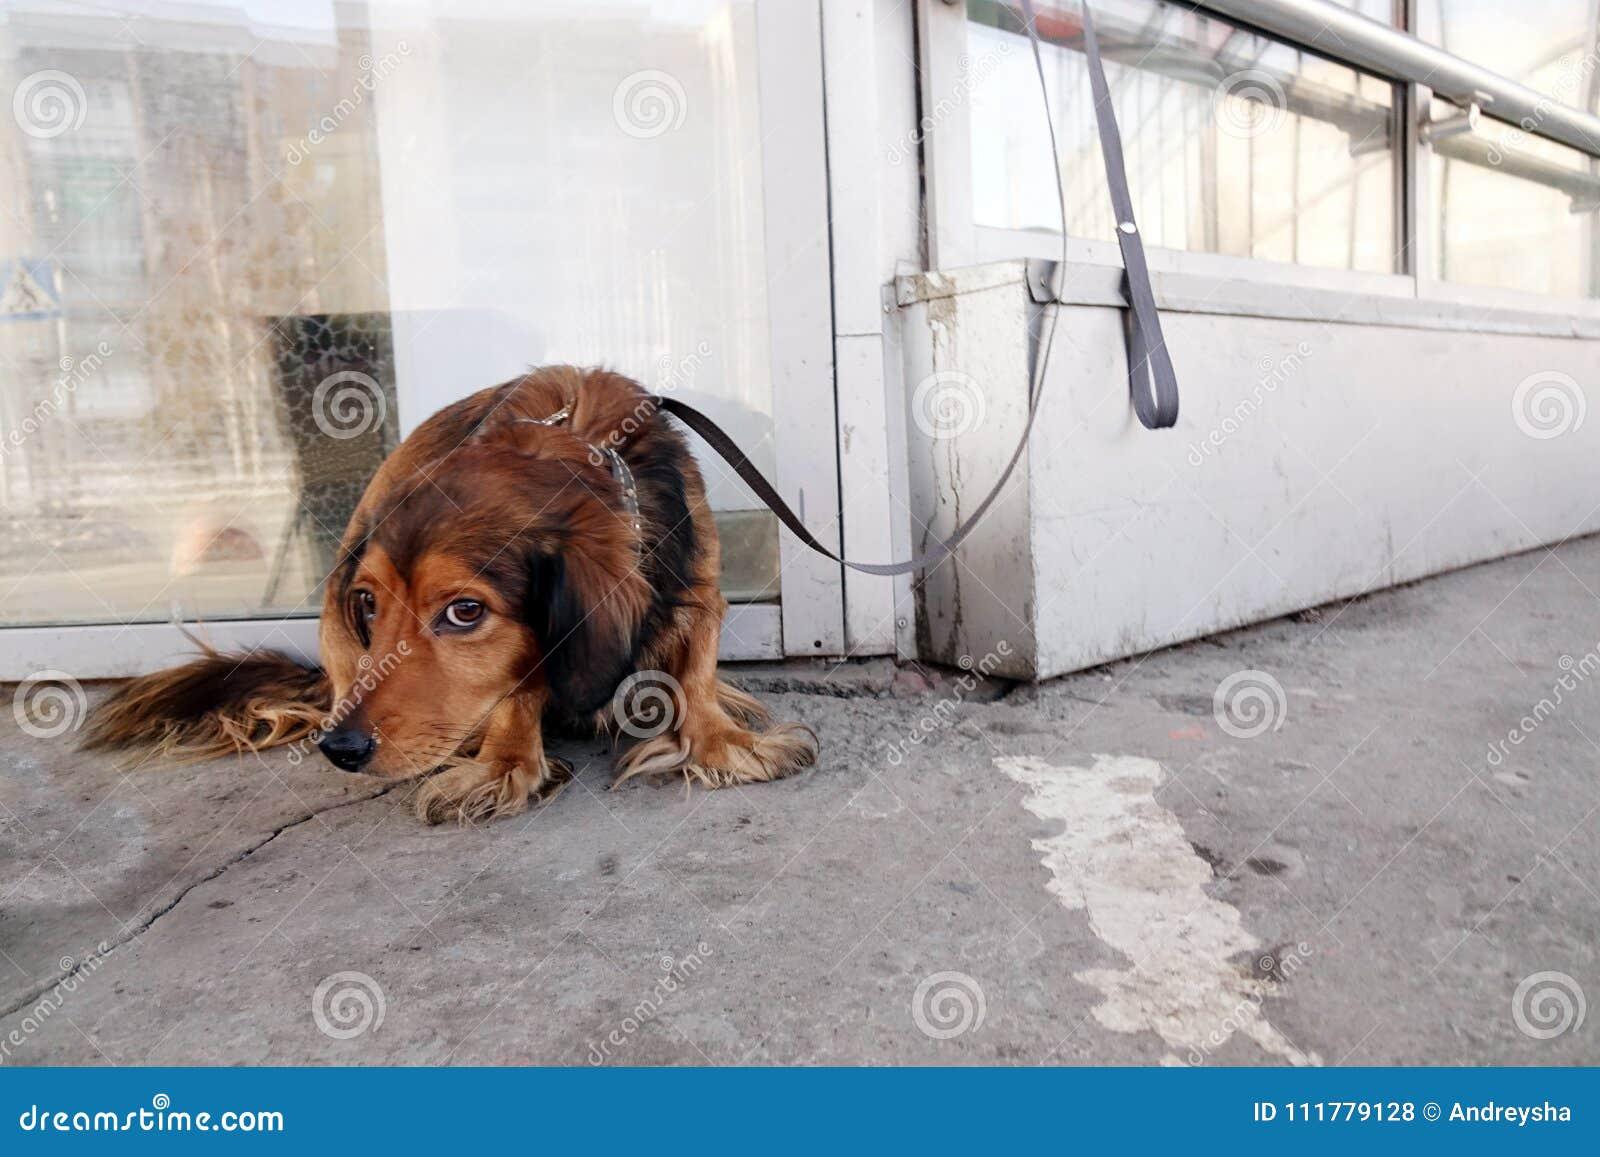 De hond is gebonden met een kraag aan het gebouw op de straat